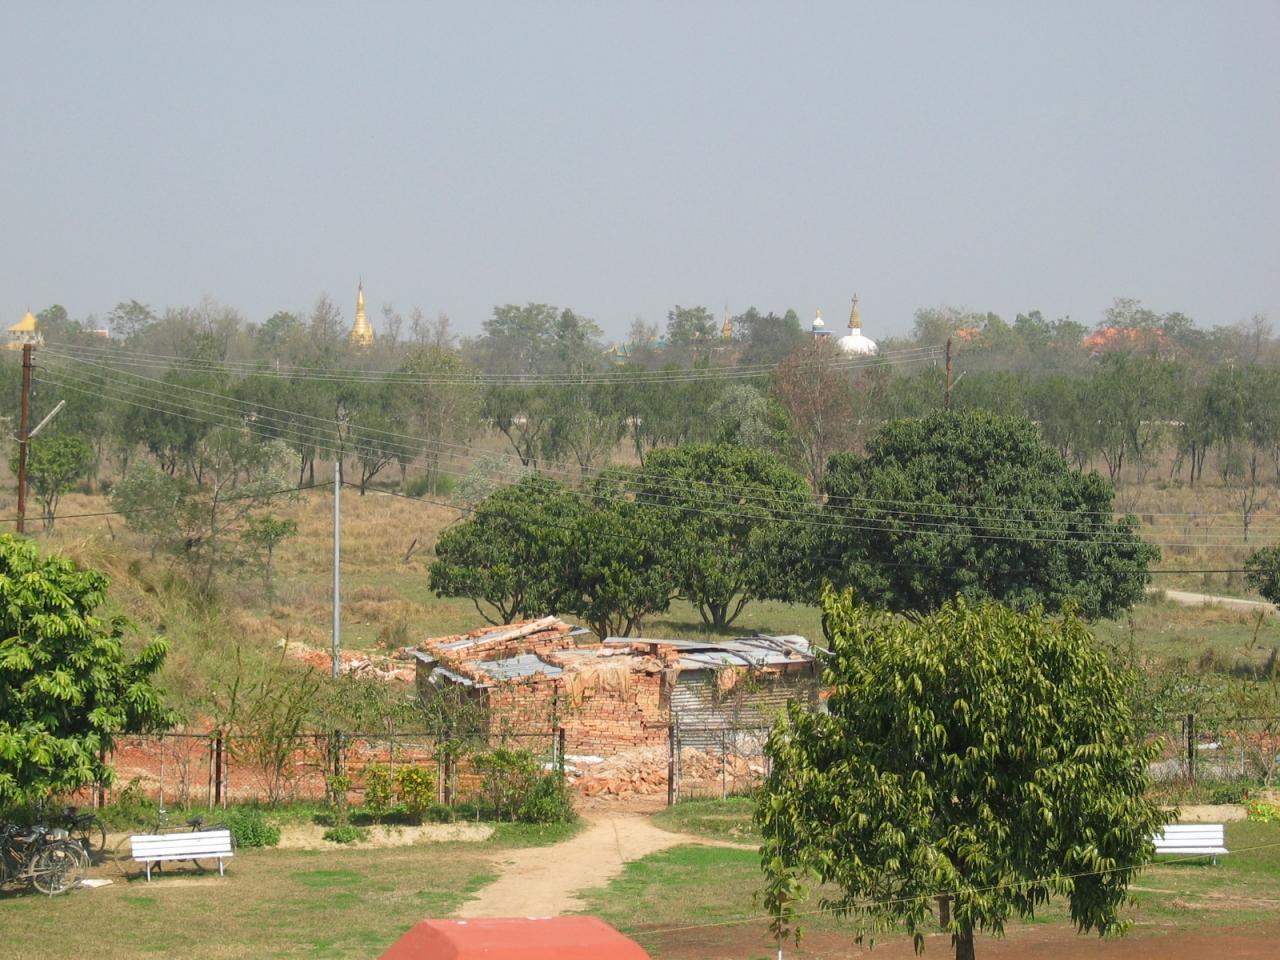 ルンビニーから周りの展望です。よく見てみると、色... 『インド仏跡参拝と世界遺産の旅?【ルンビ